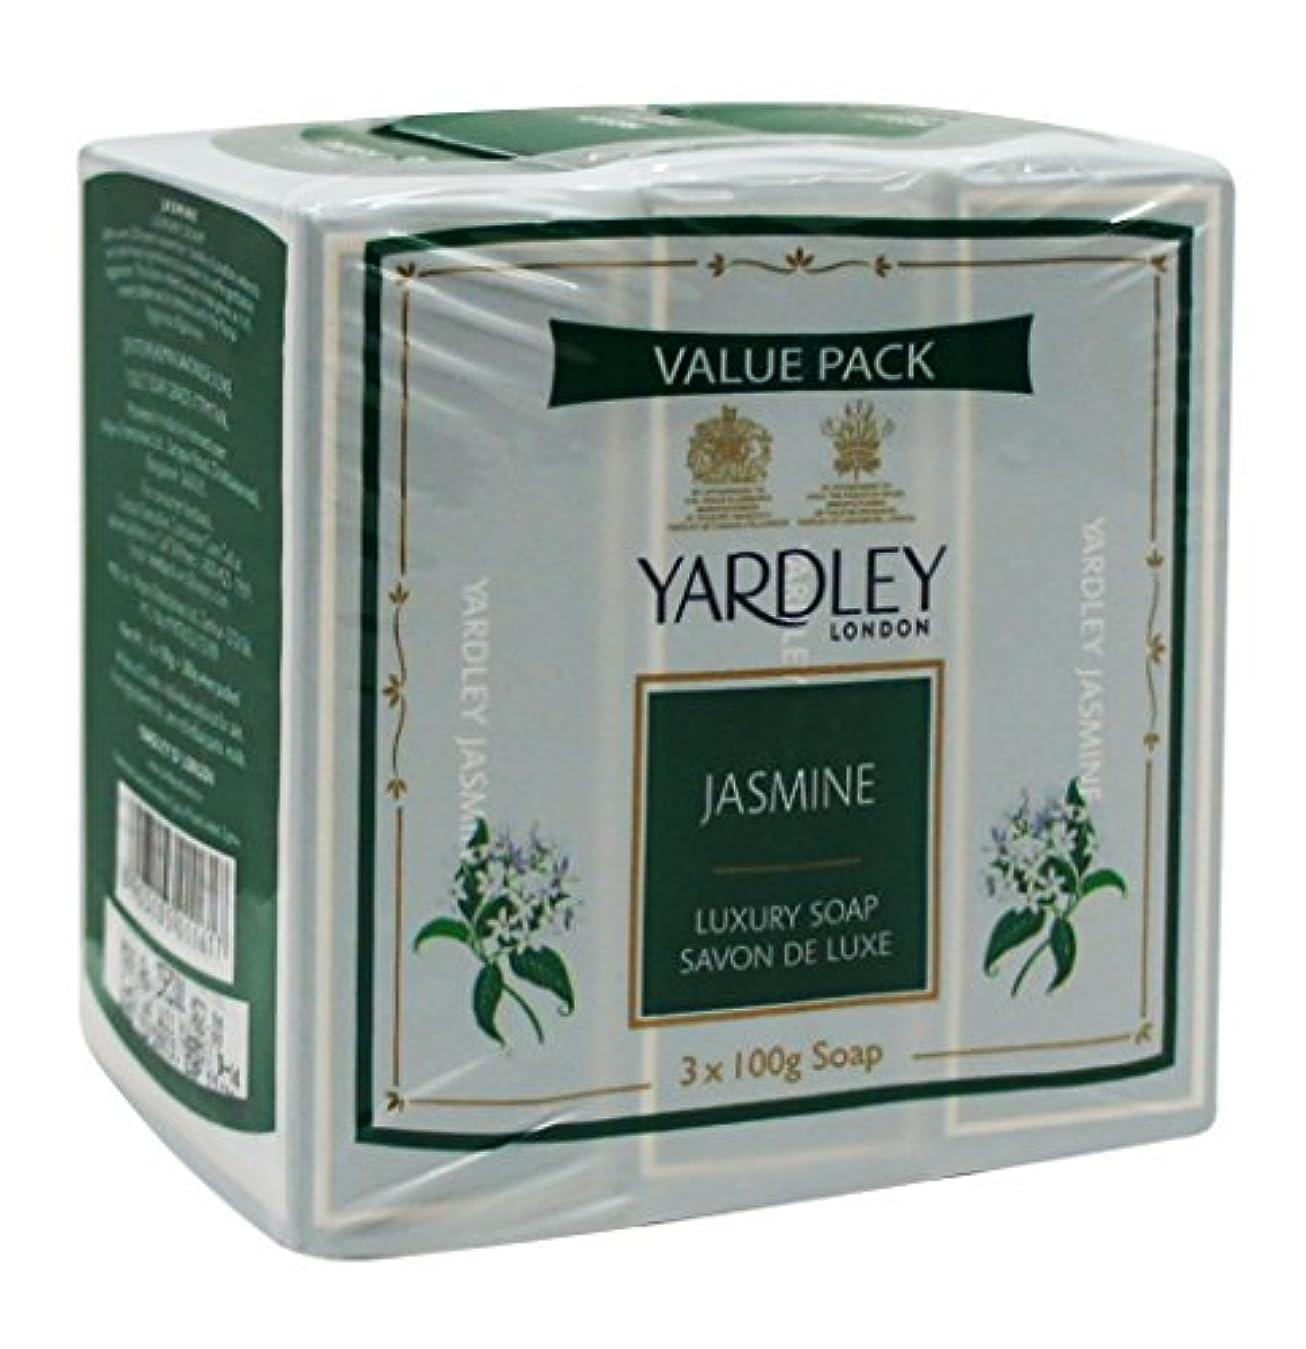 有毒地質学知るYardley London Value Pack Luxury Soap 3x100g Jasmine by Yardley